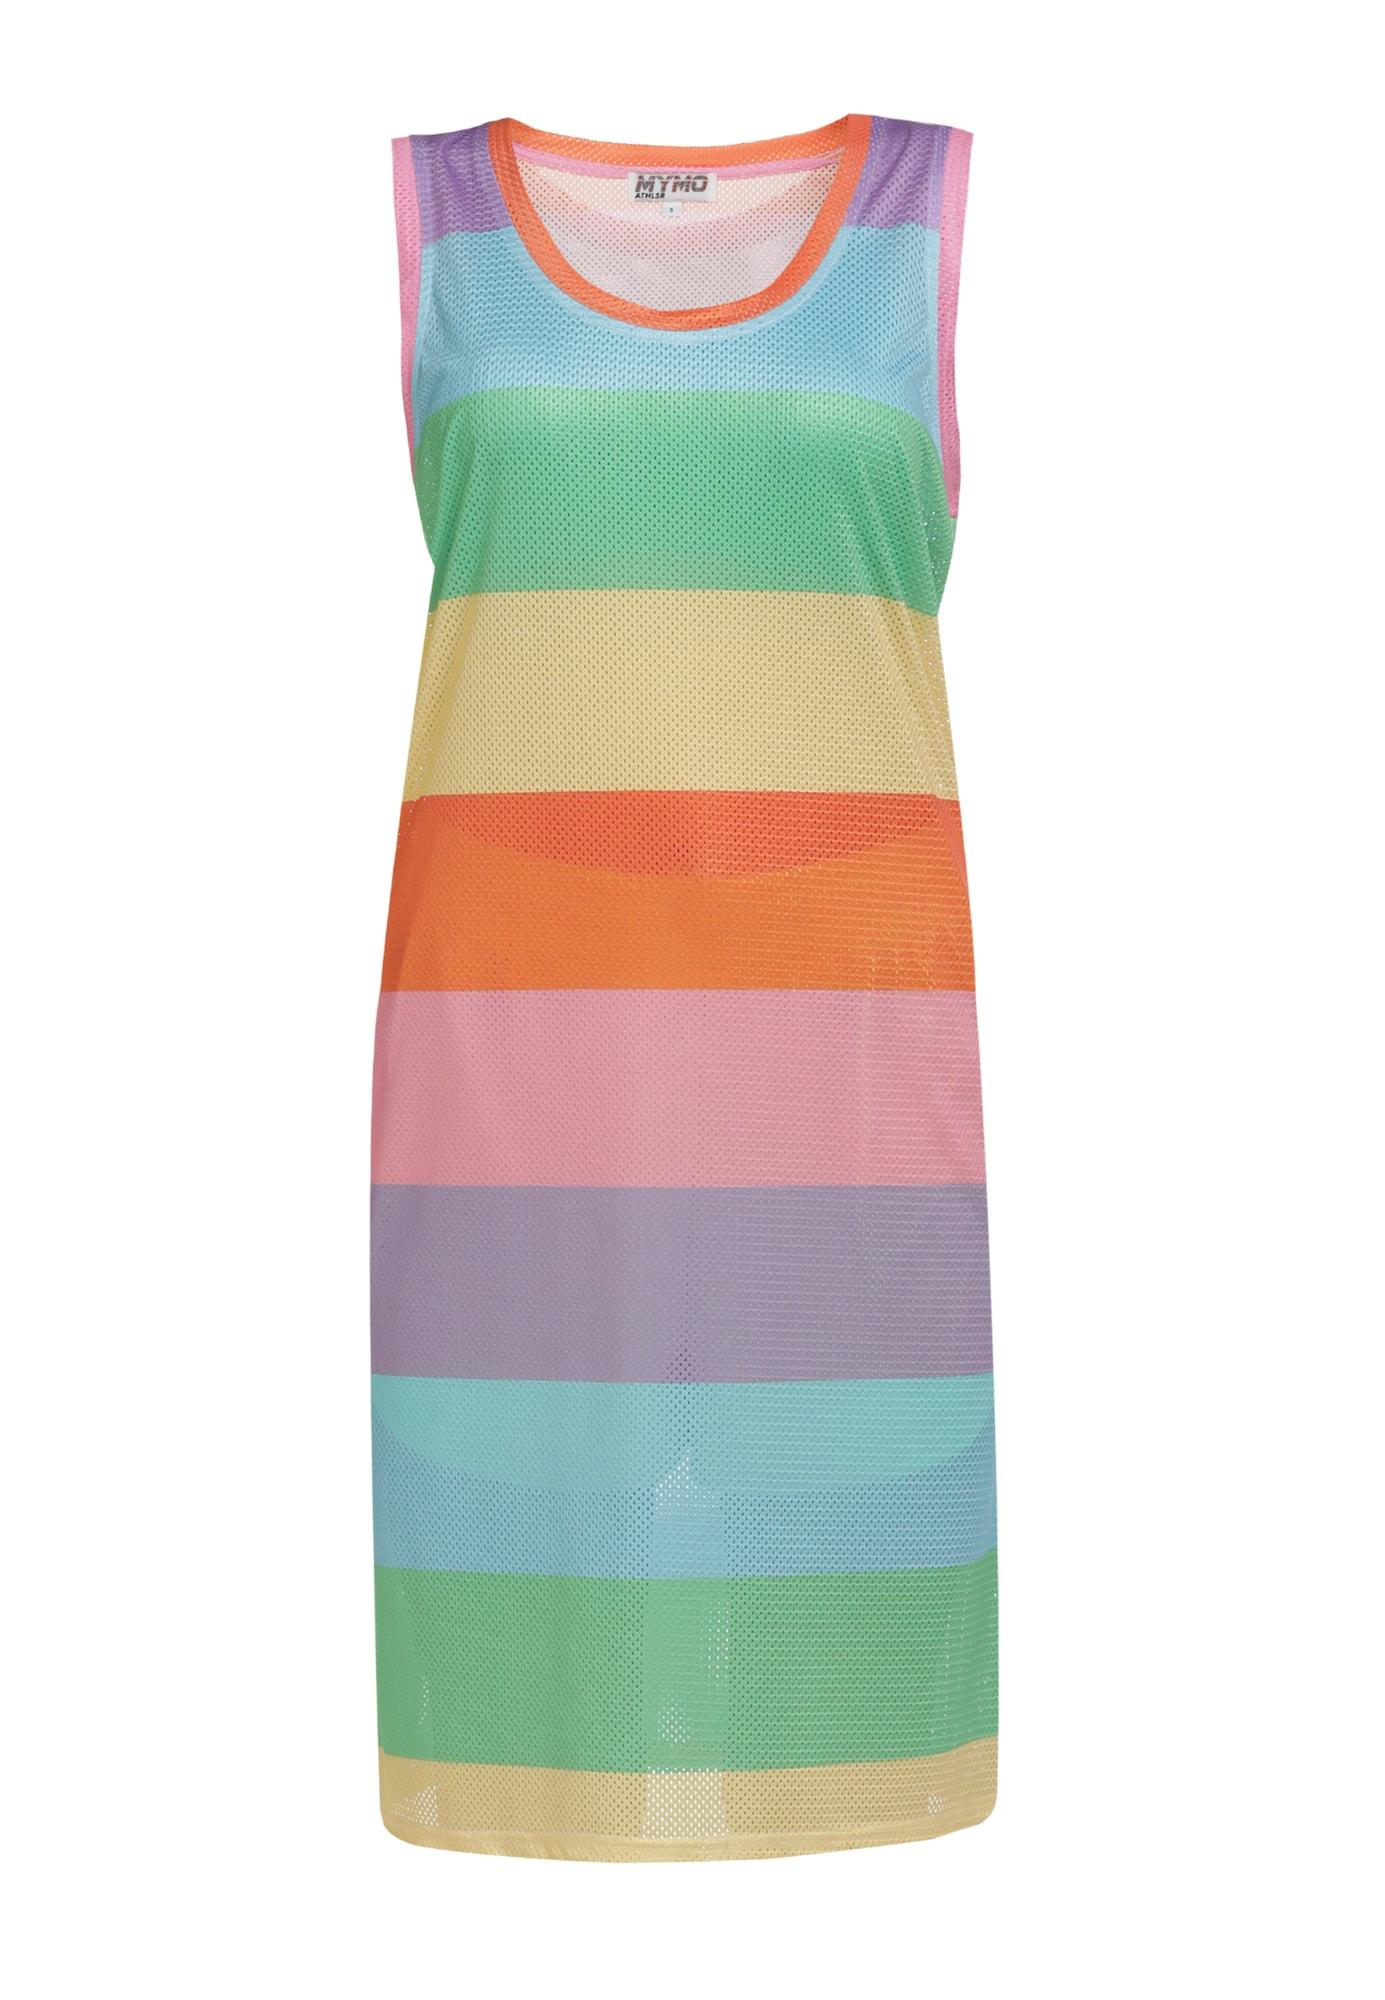 myMo ATHLSR Sportinė suknelė mišrios spalvos